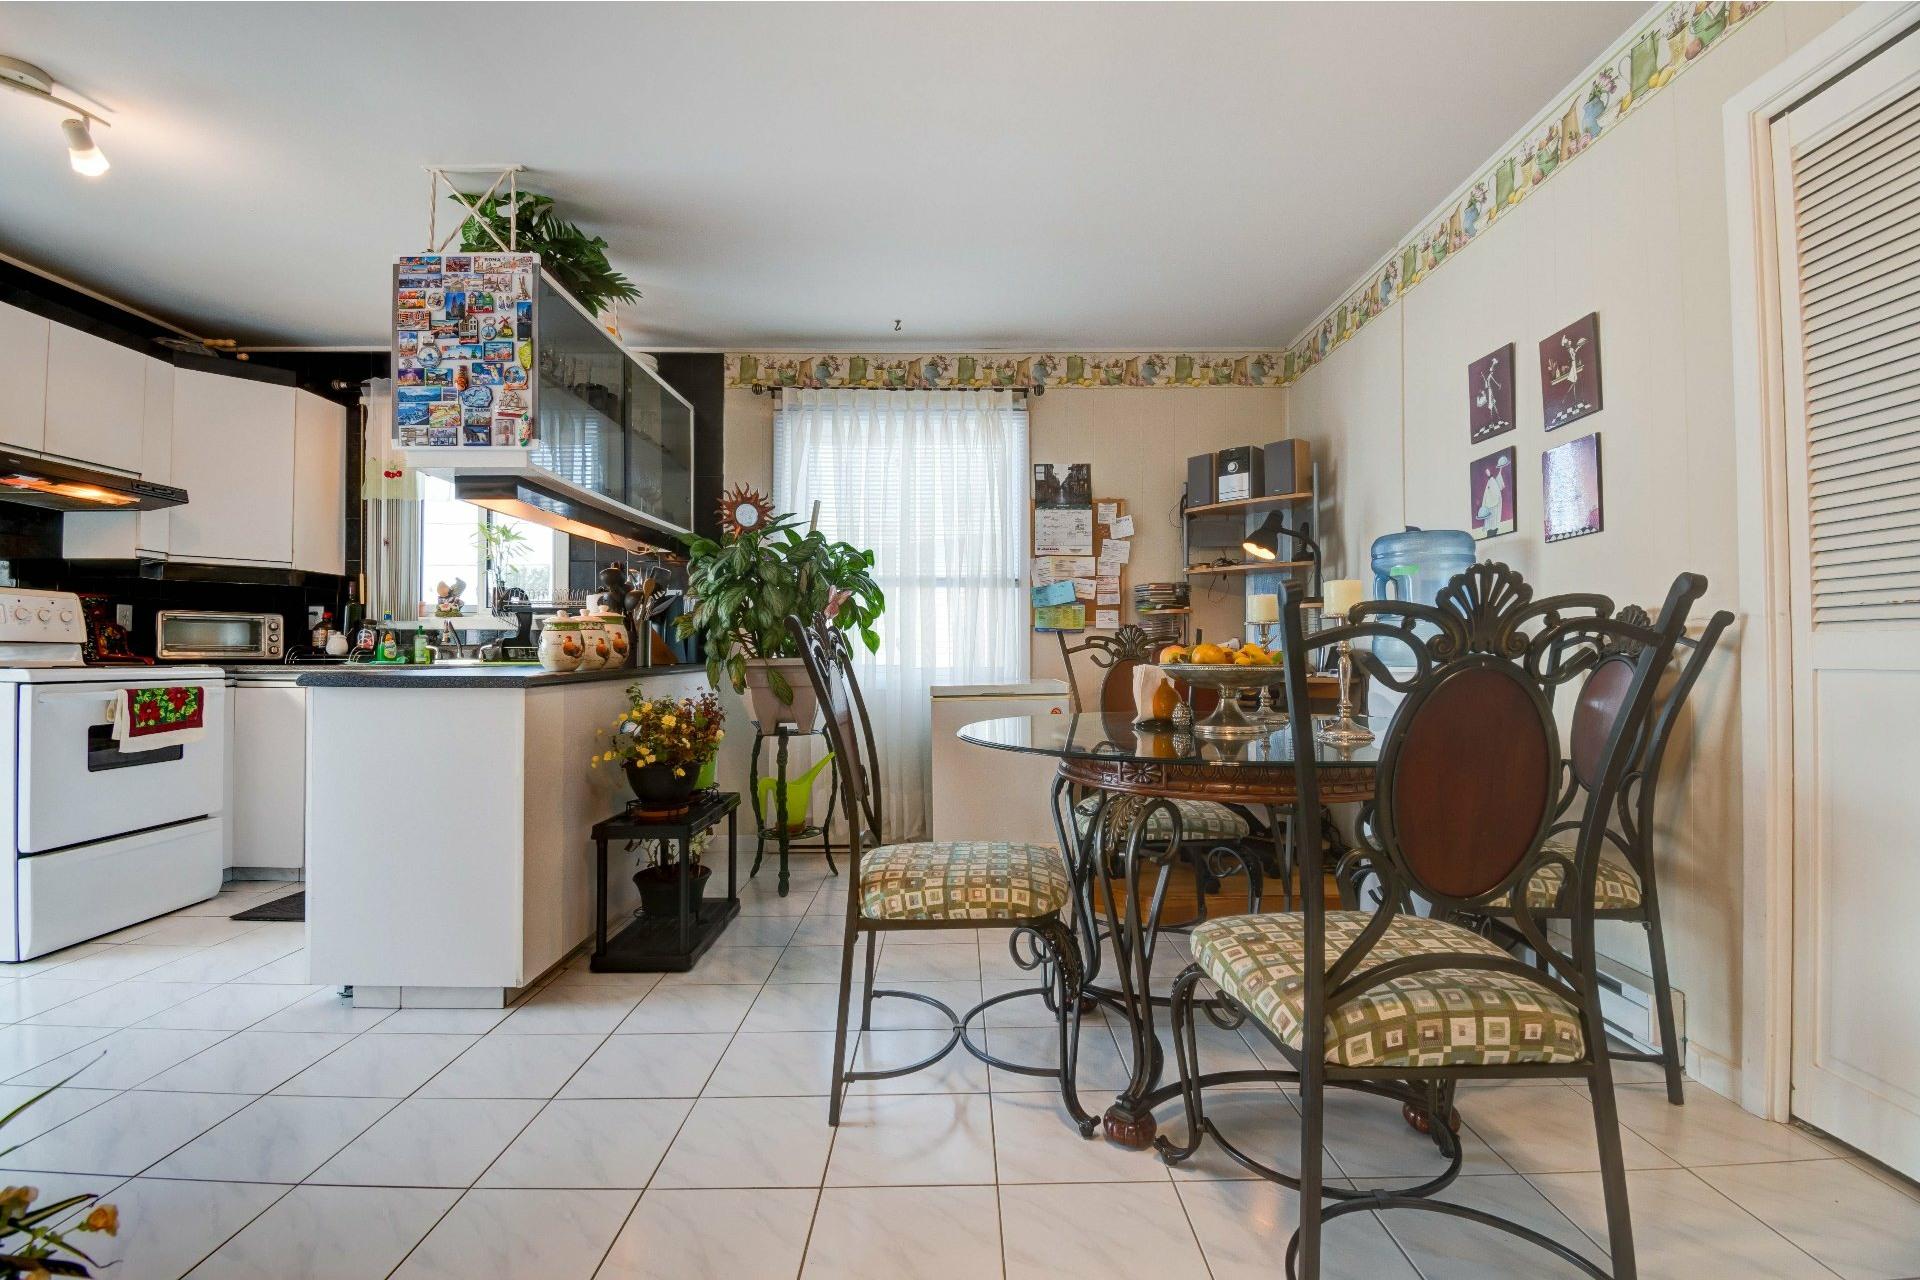 image 7 - Duplex À vendre Trois-Rivières - 6 pièces